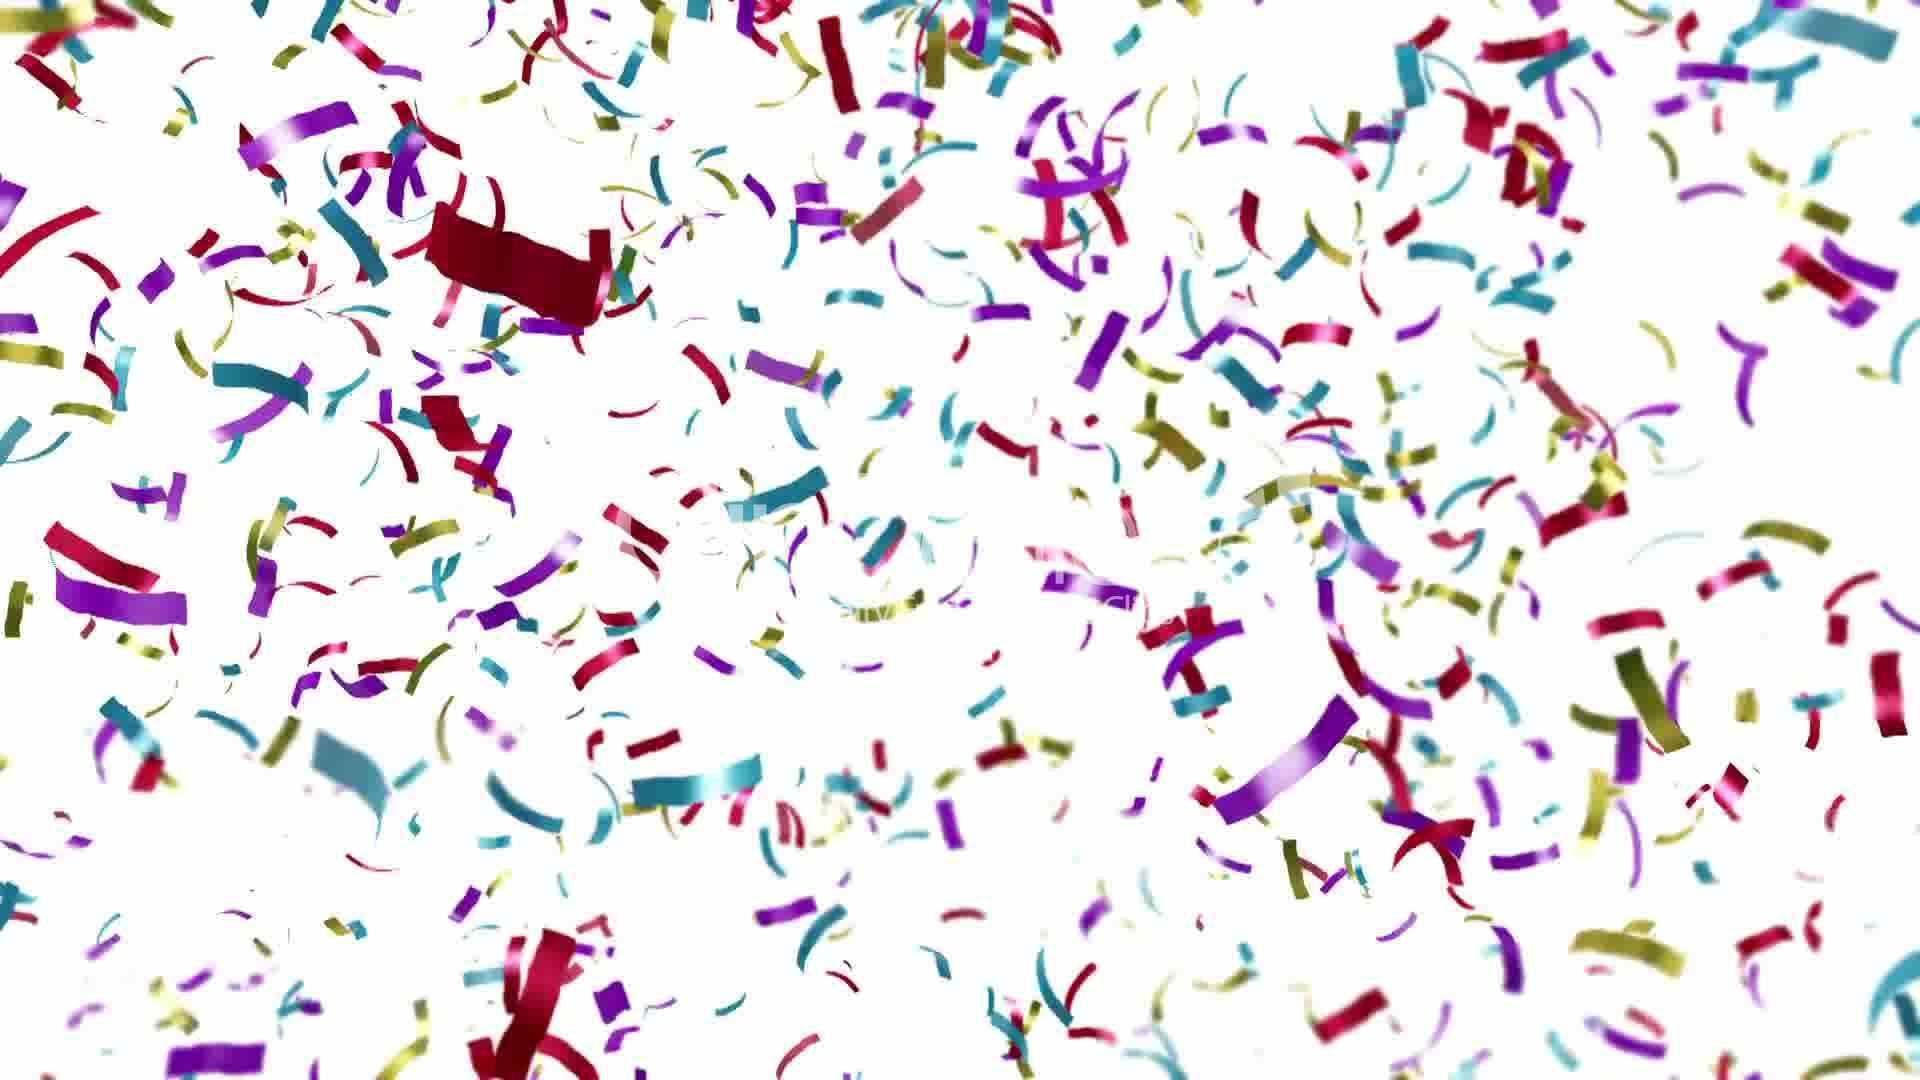 Best Confetti Clipart - Clip Art Confetti